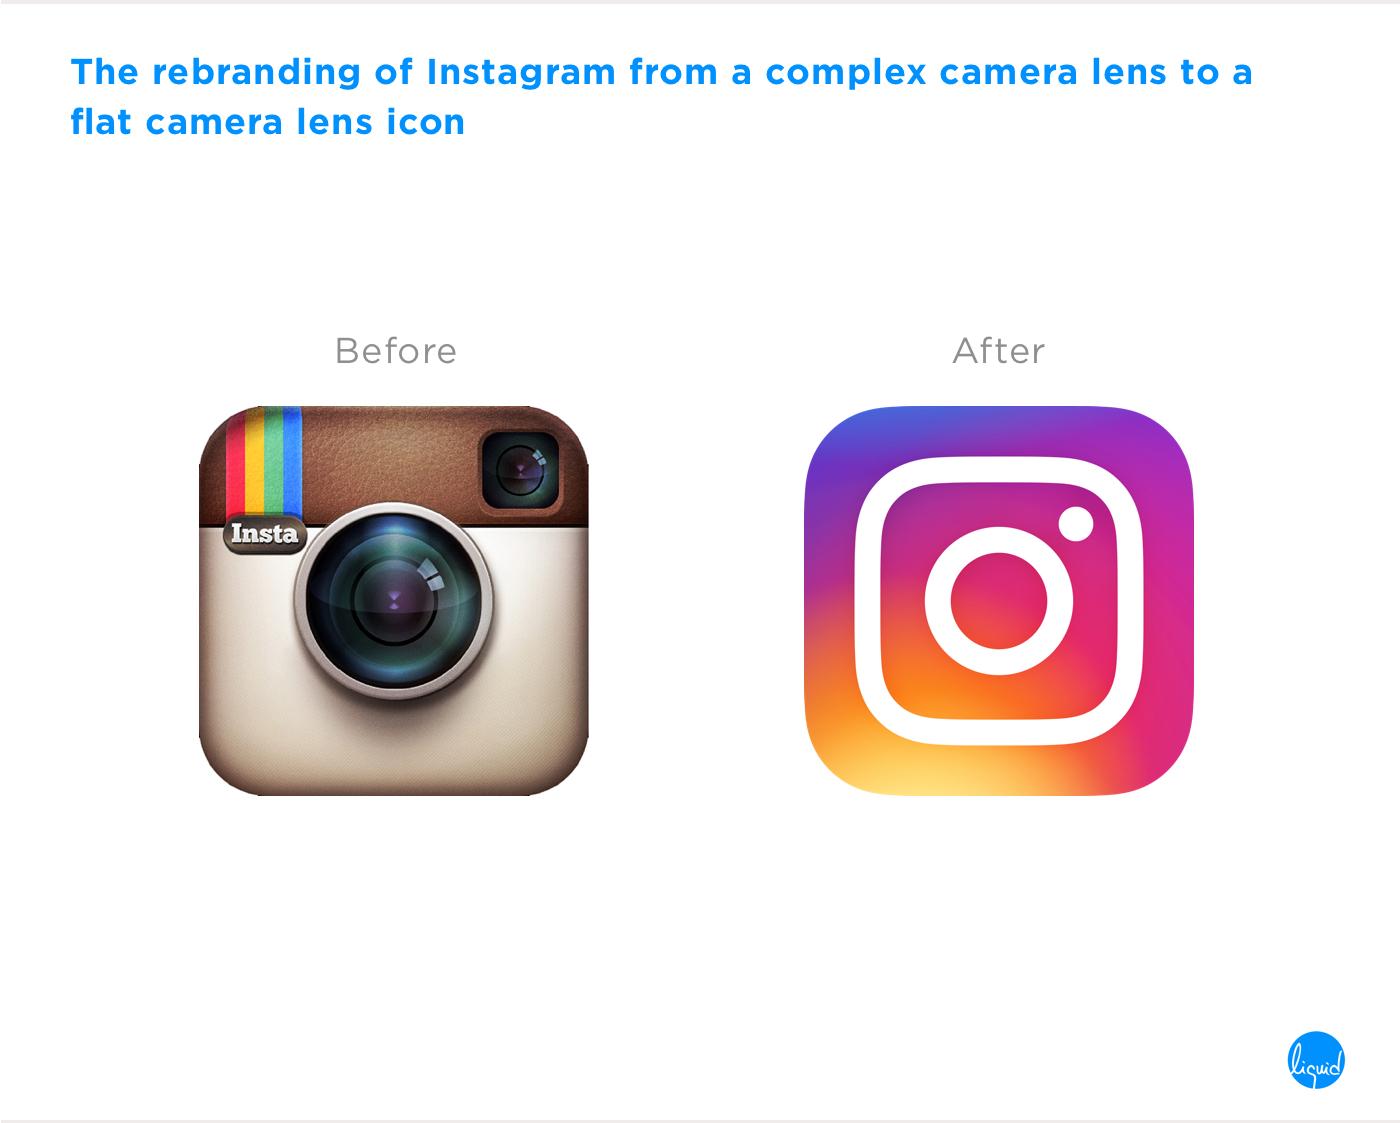 Brand Identity of Instagram